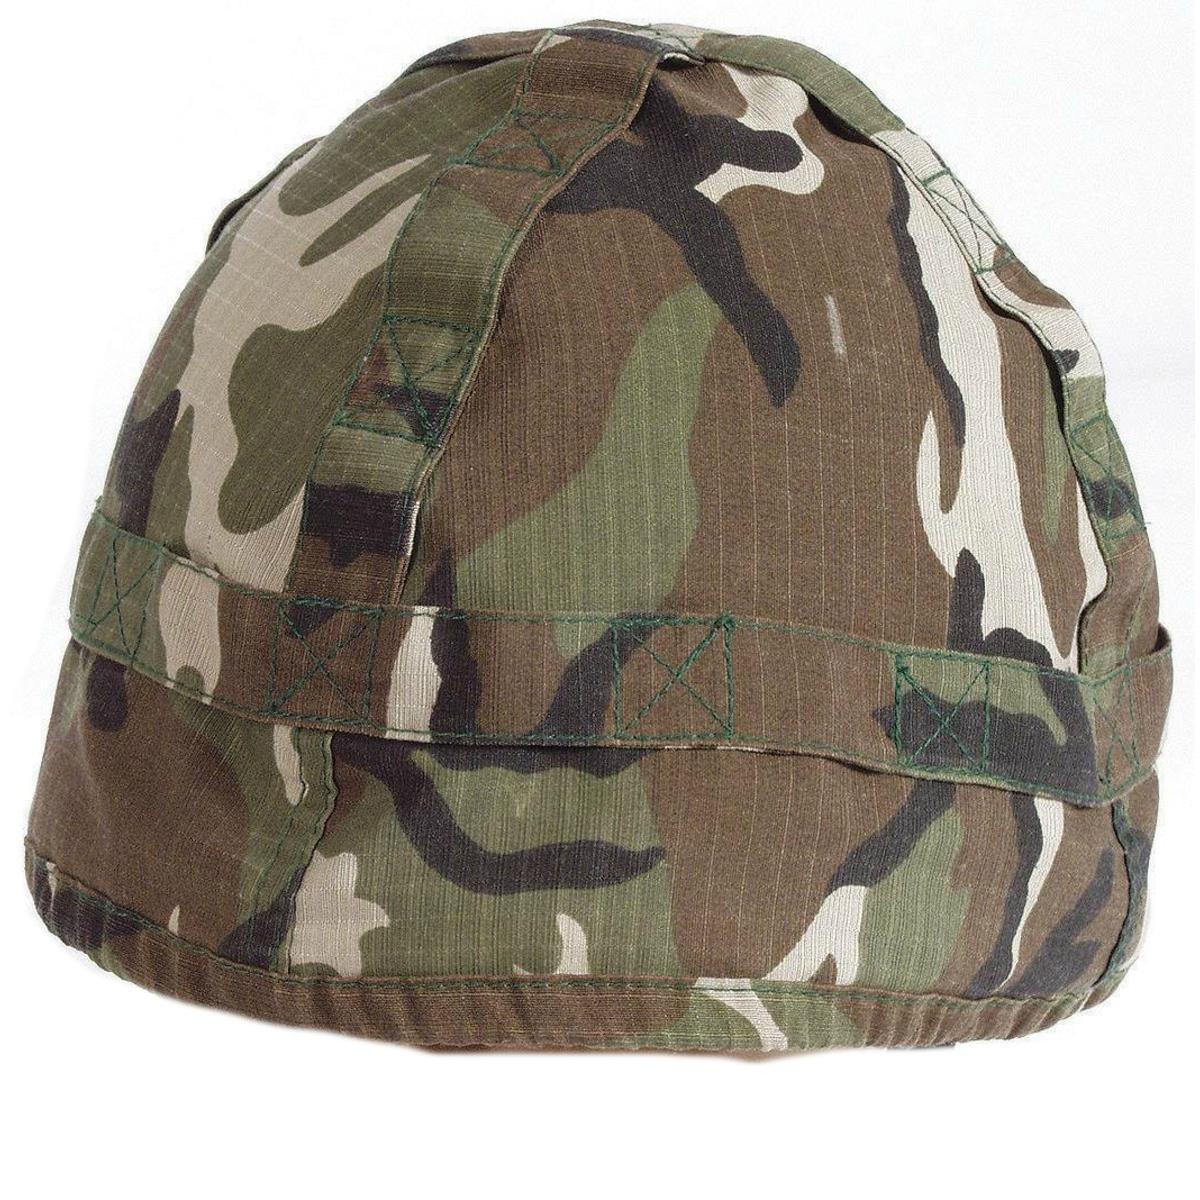 Mil-com US-Style Helmet Replica Woodland Cover Woodland Cover ... 3aca8766a989